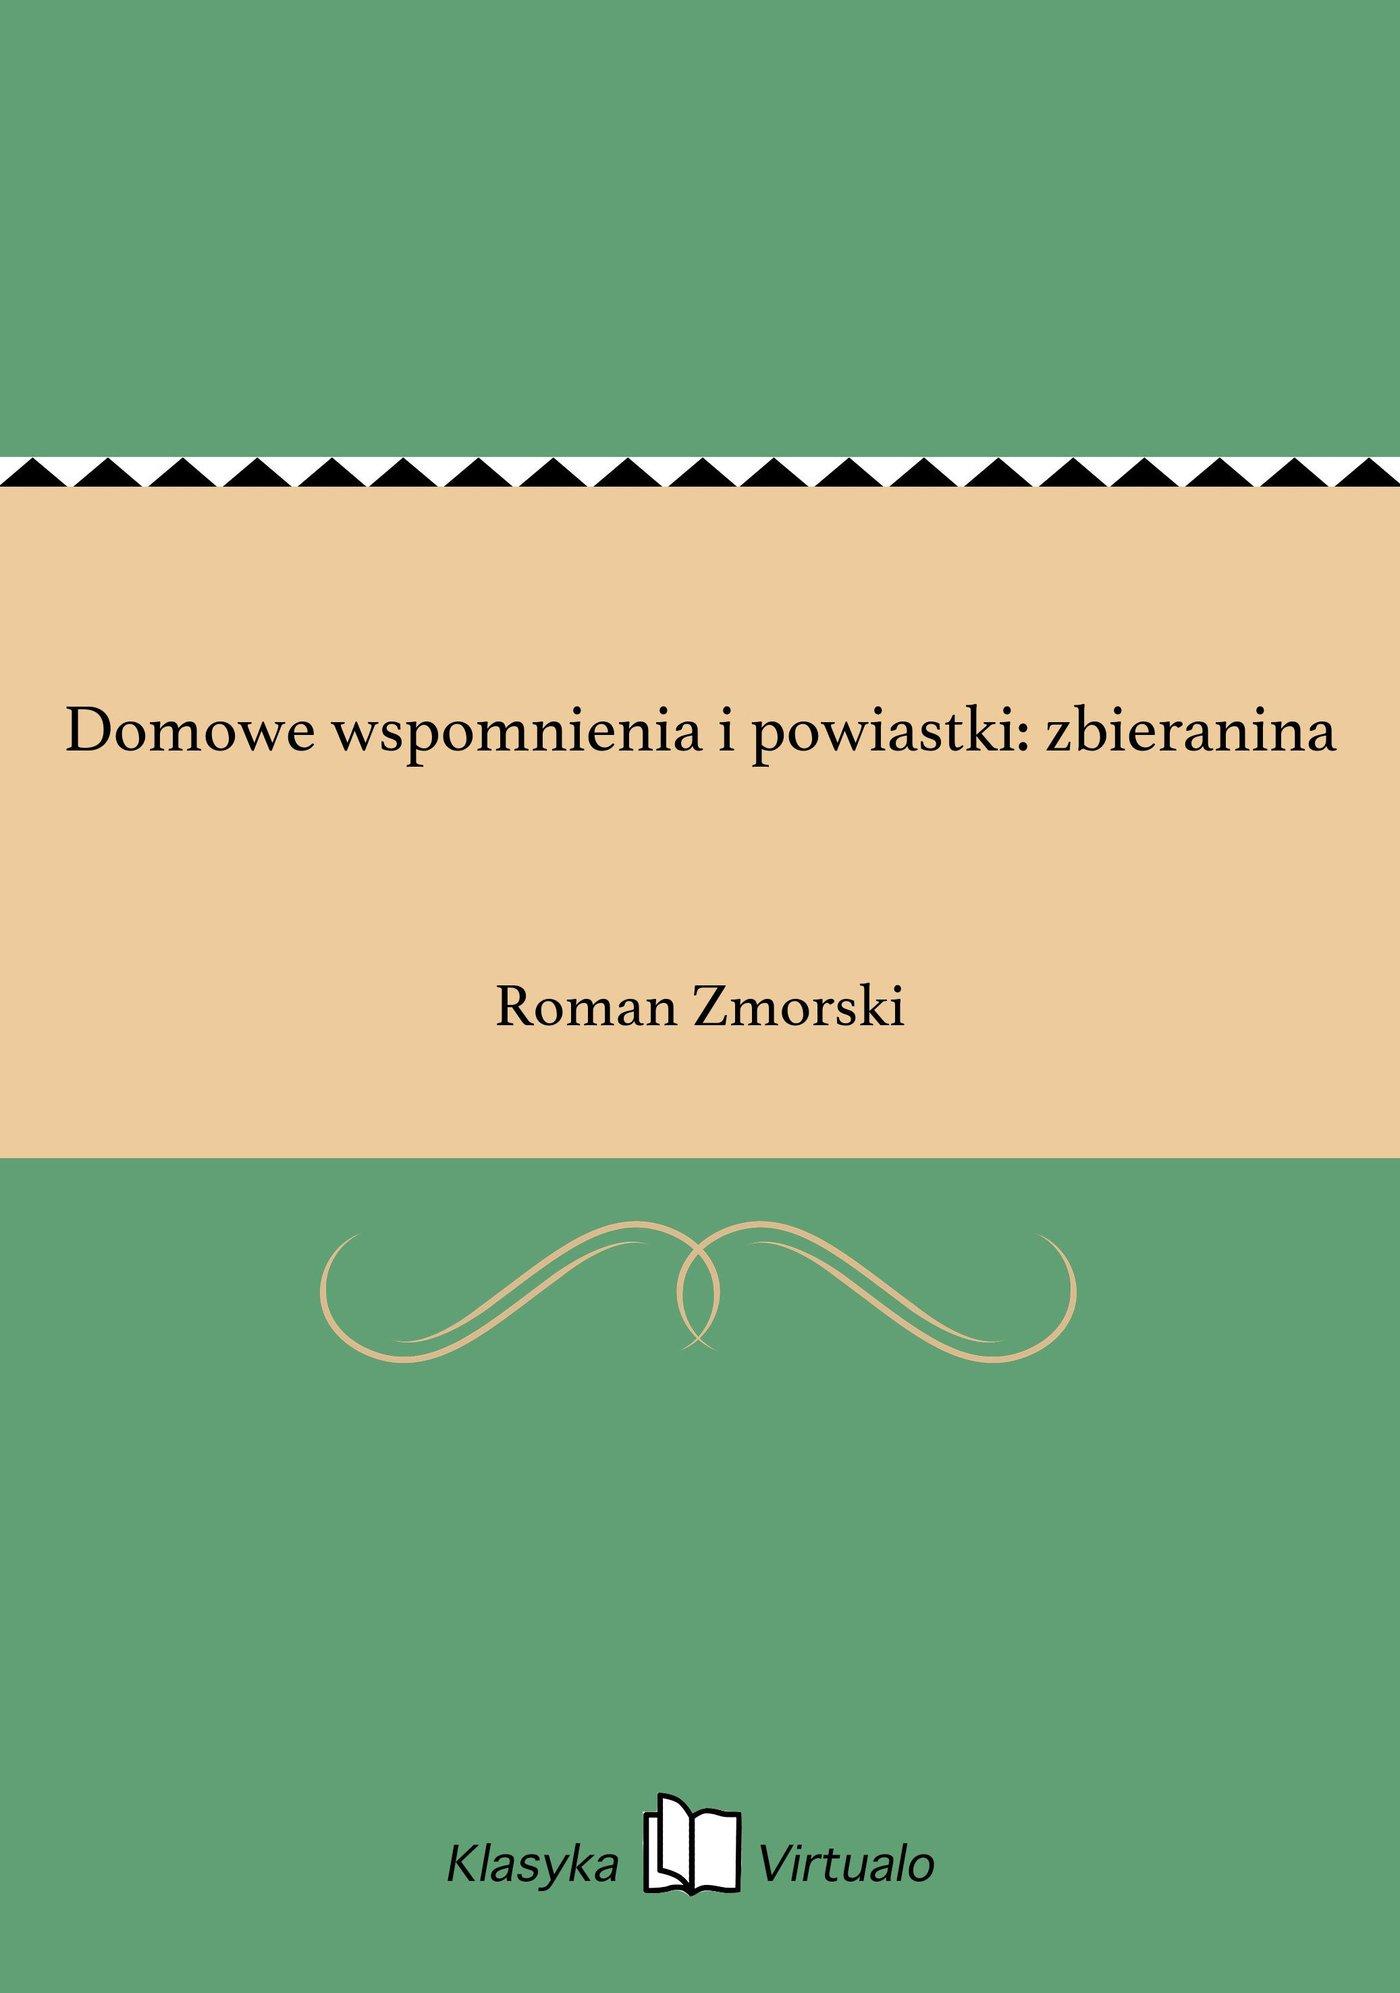 Domowe wspomnienia i powiastki: zbieranina - Ebook (Książka EPUB) do pobrania w formacie EPUB